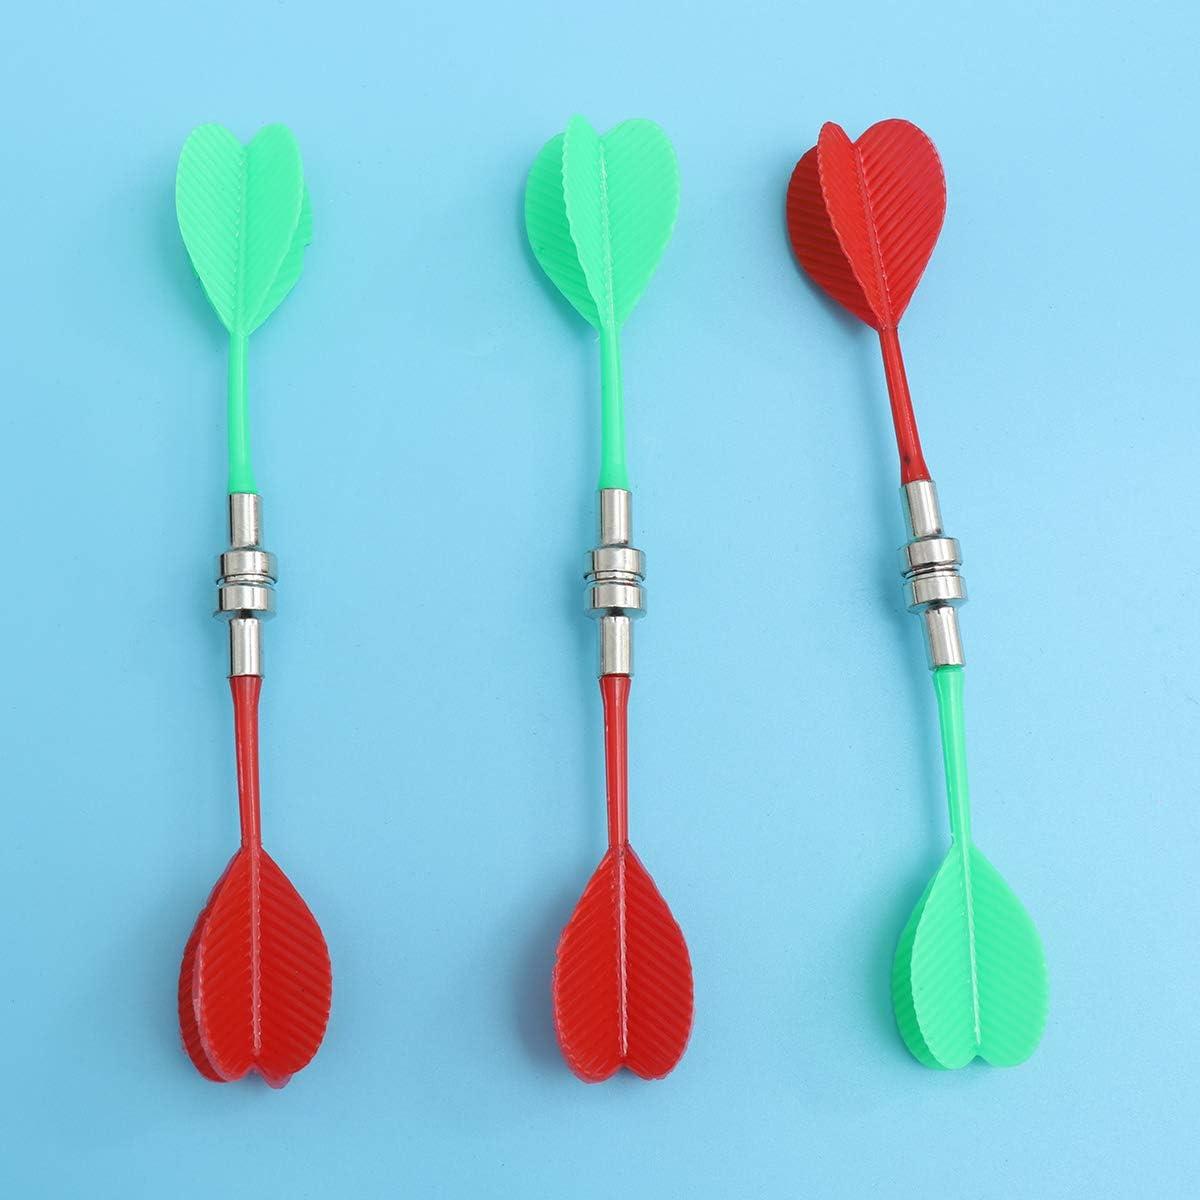 NUOBESTY Jeu de fl/échettes magn/étique Flocking Jeu de fl/échettes en Plastique pour fl/échettes dint/érieur en Plastique pour fl/échettes de Flocons de Flocons 15 Pouces avec fl/échettes